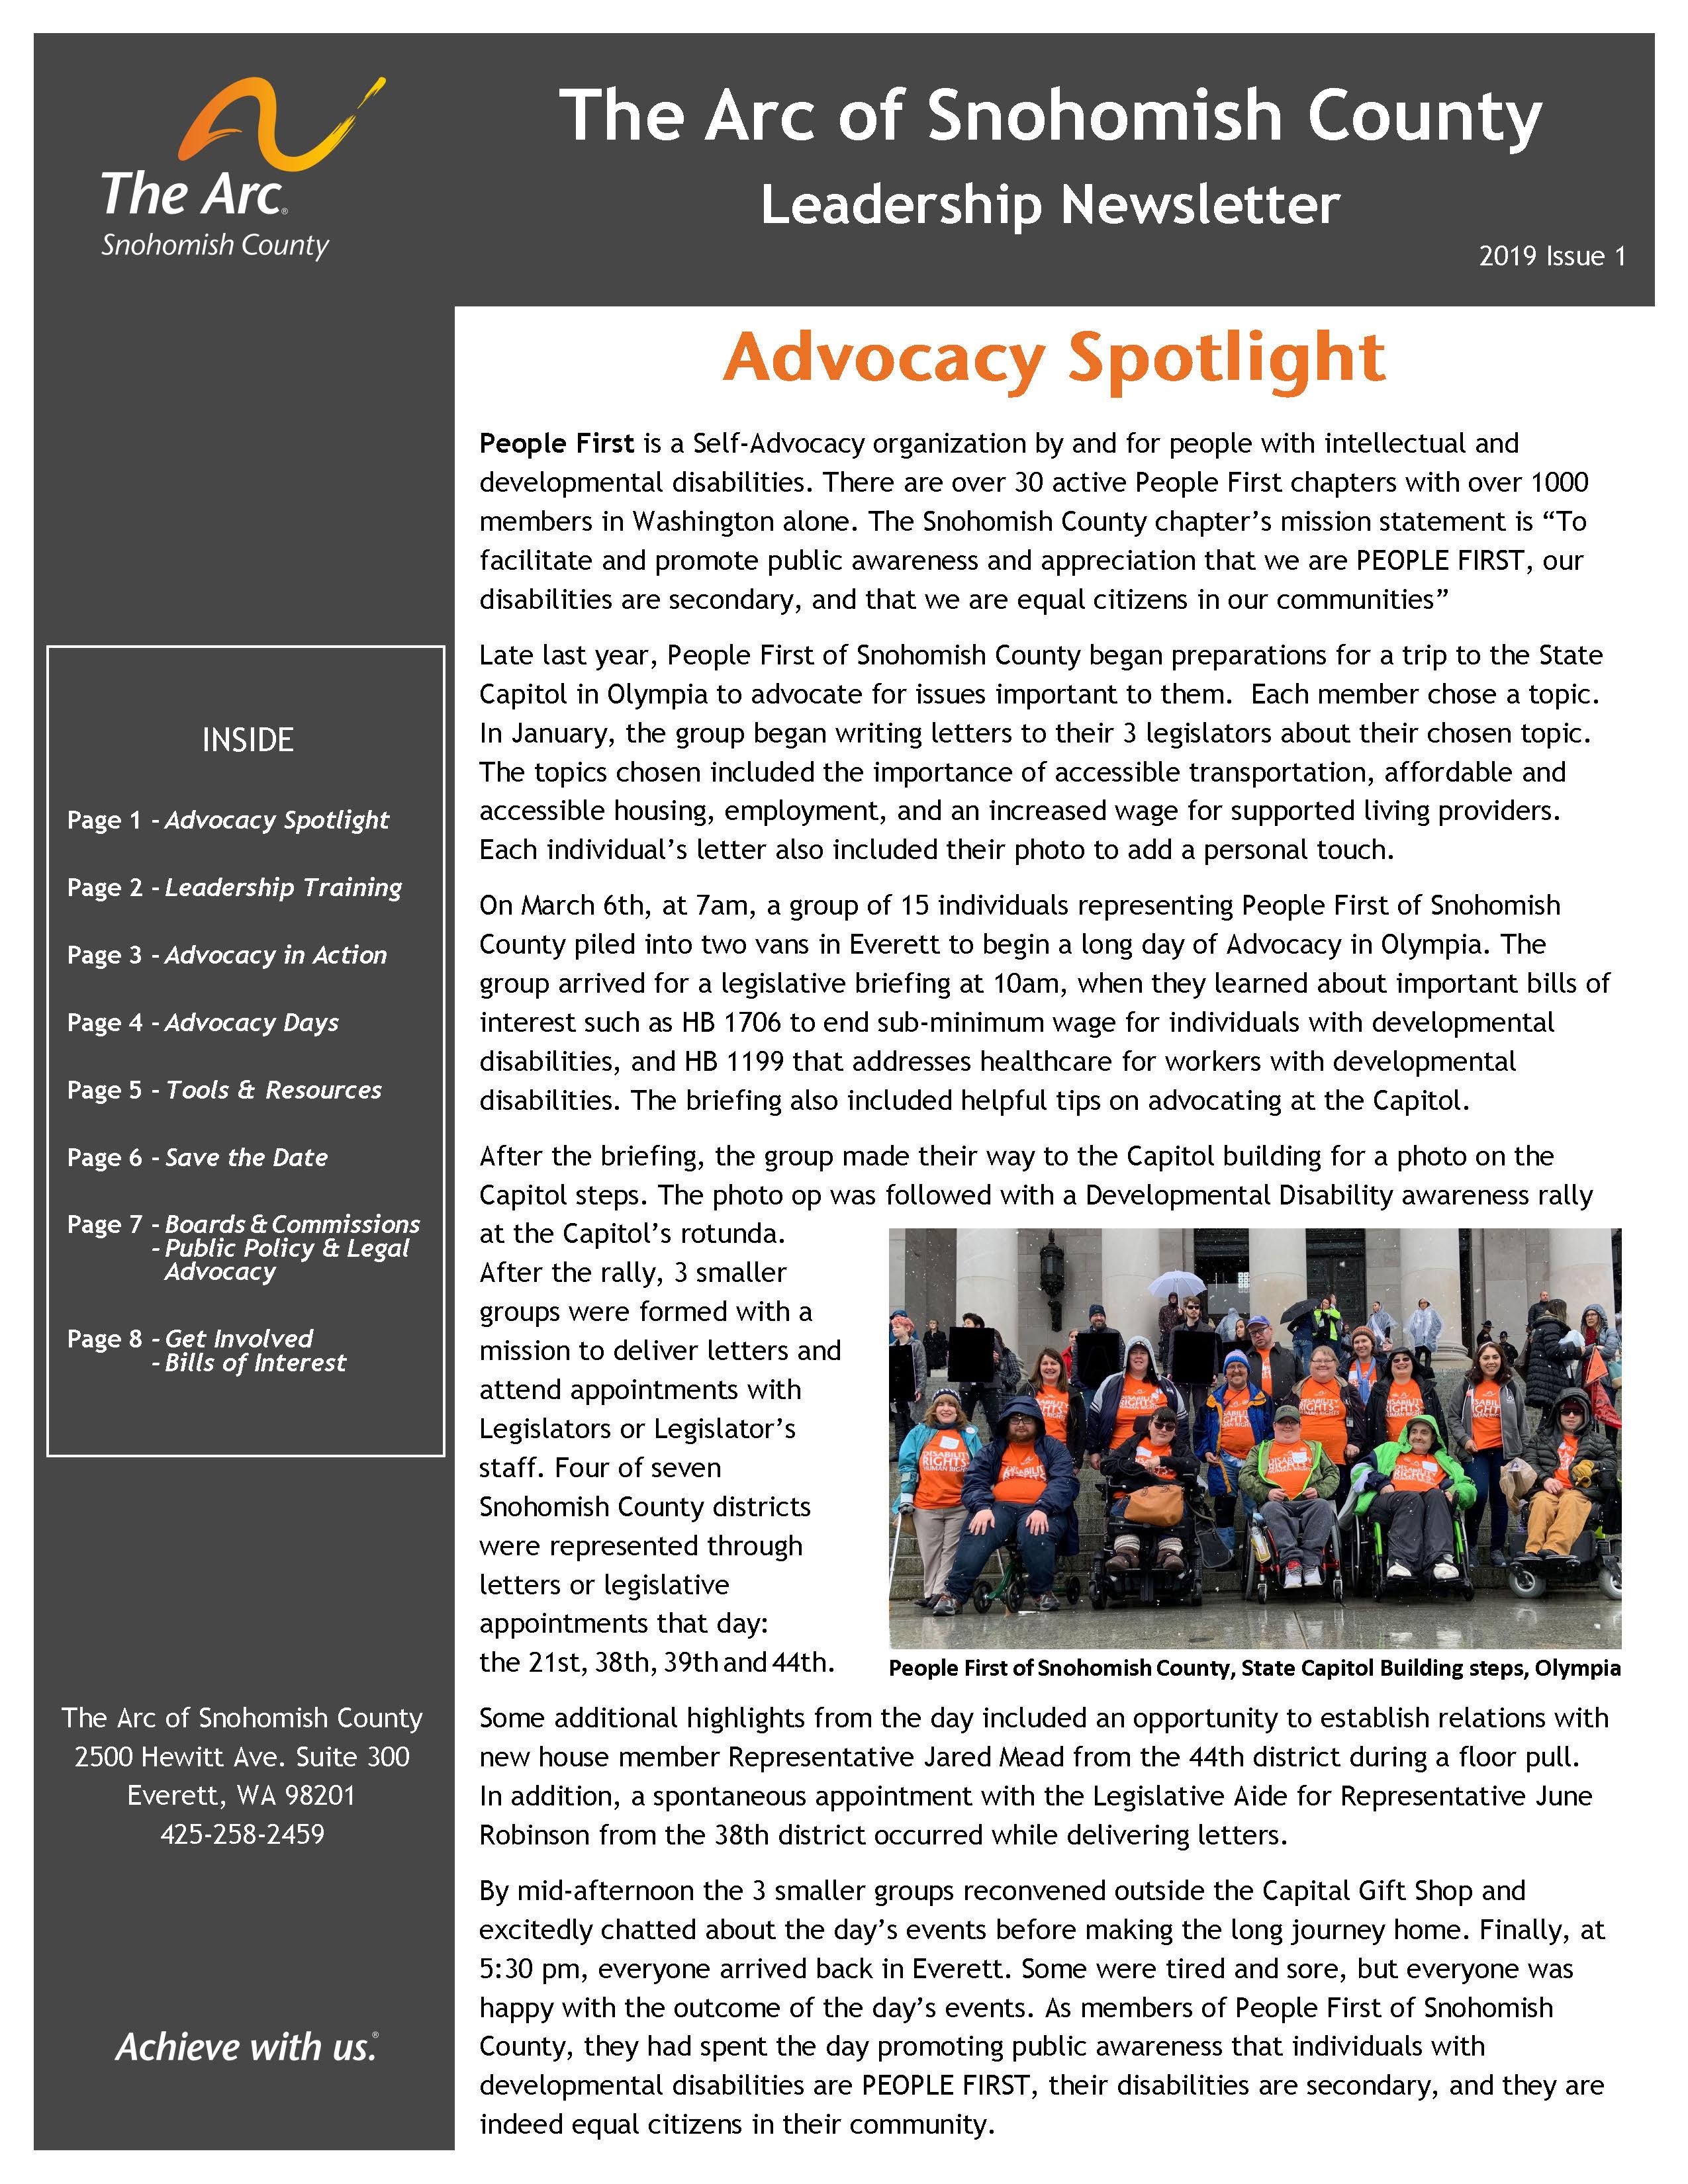 Leadership Newsletter 2019 Issue 1